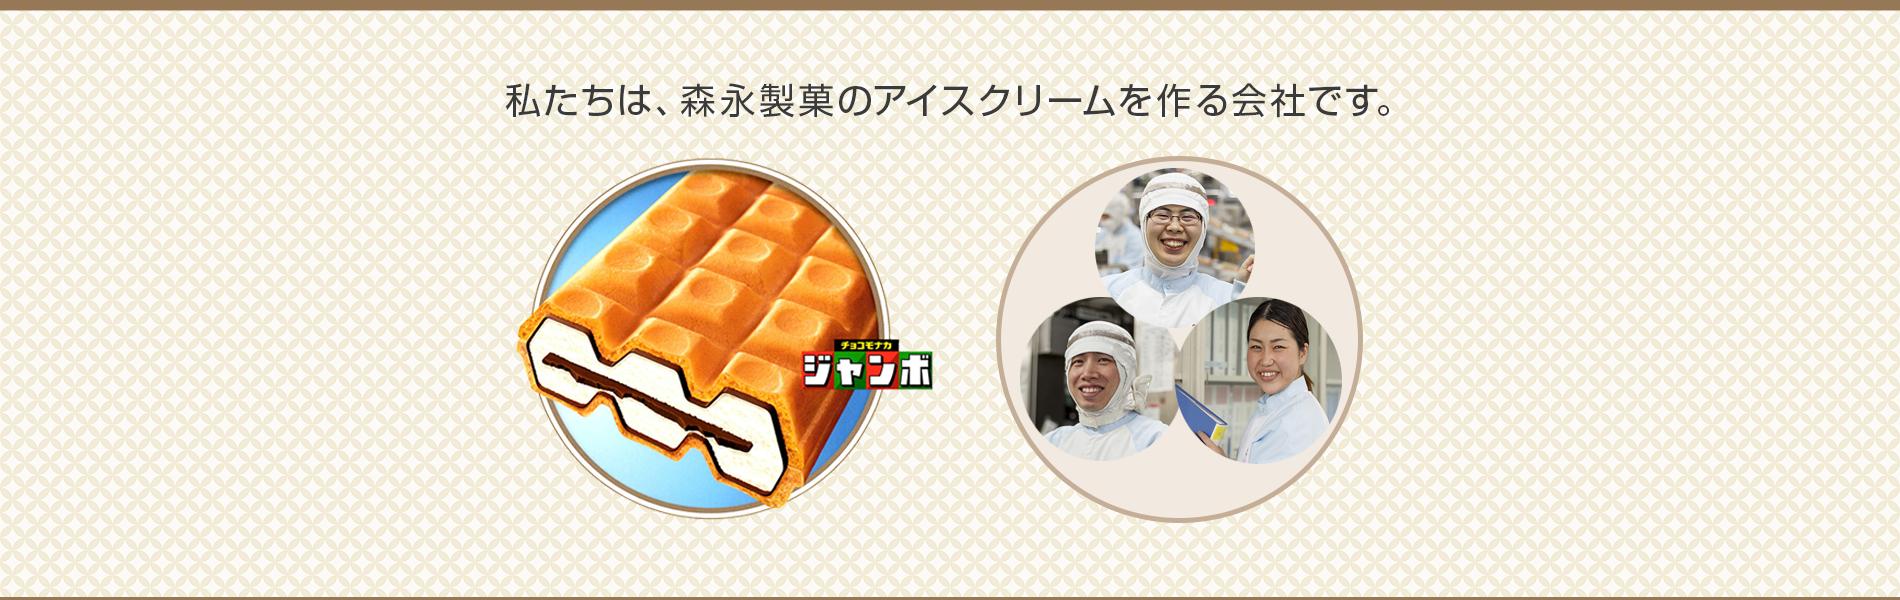 私たちは、森永製菓のアイスクリームを作る会社です。